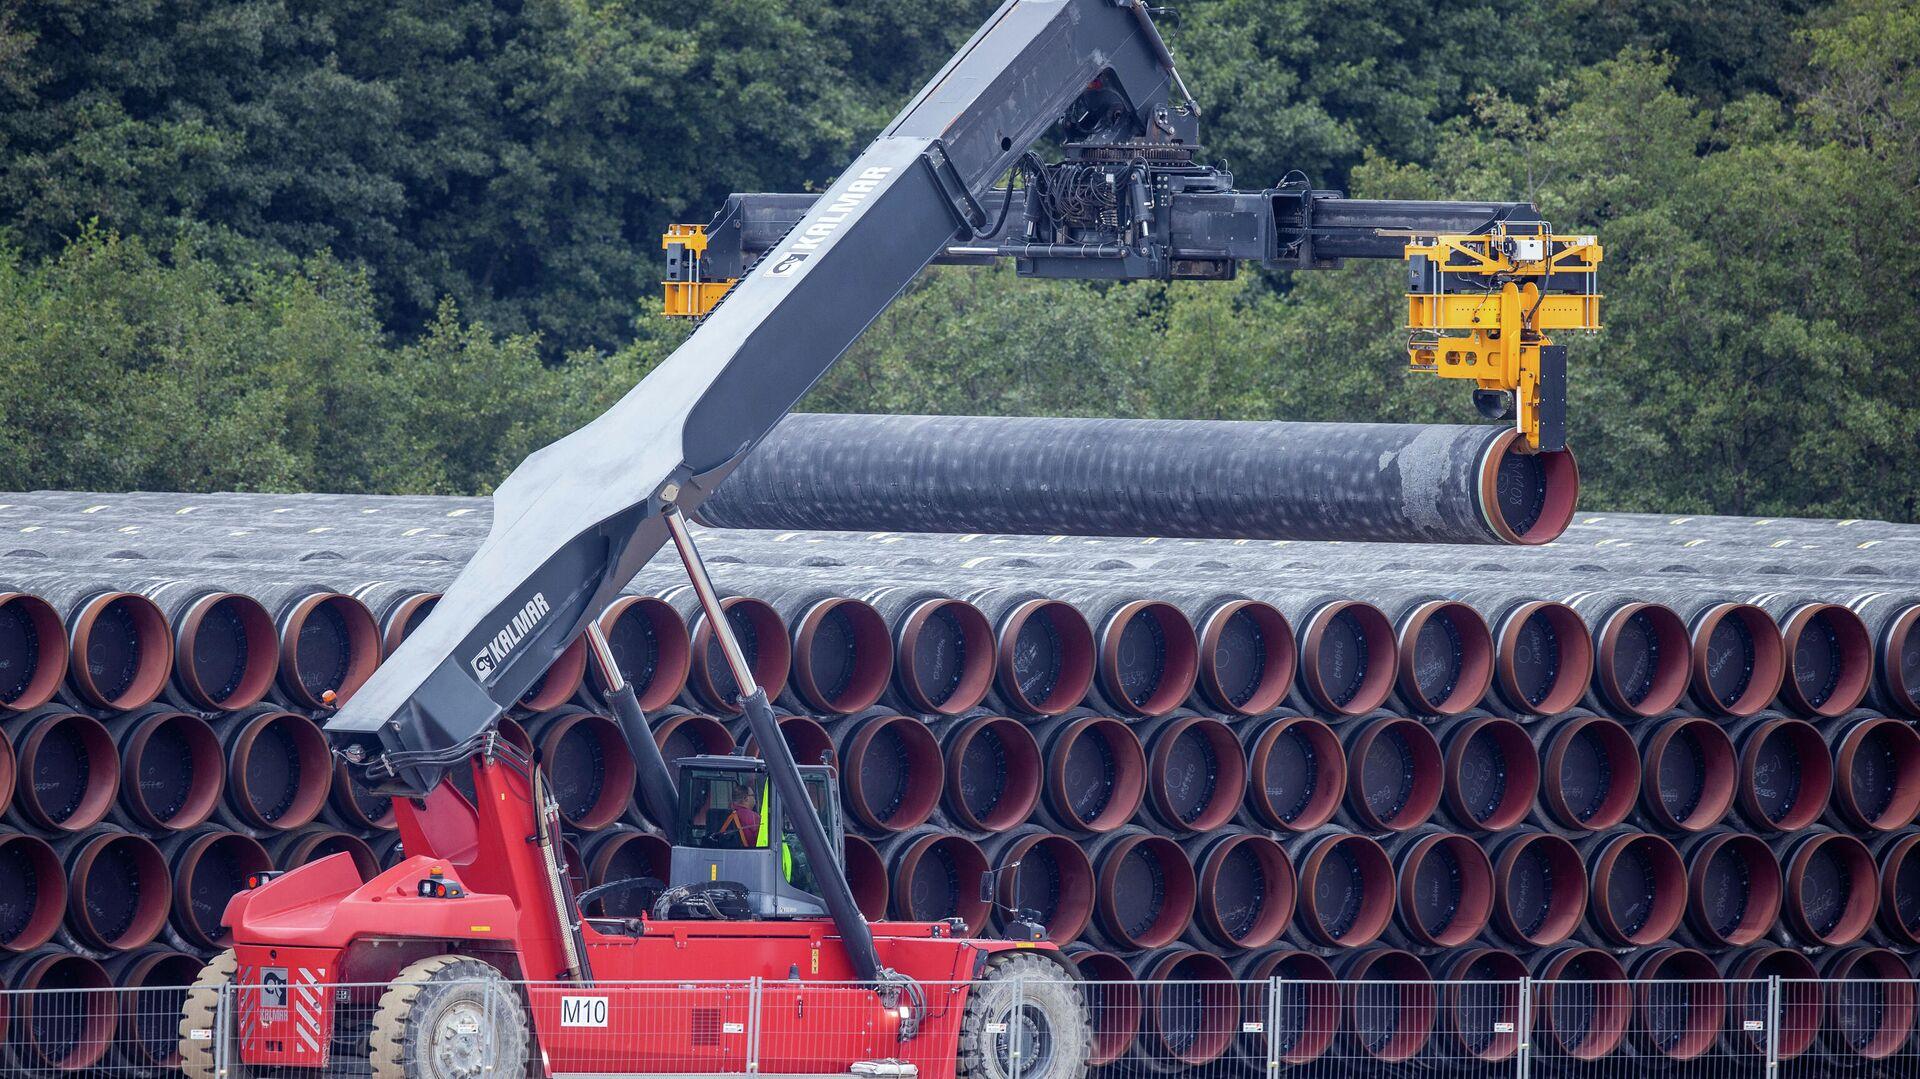 Трубы для строительства газопровода Nord Stream 2 на площадке в порту Мукран, Германия - РИА Новости, 1920, 24.01.2021